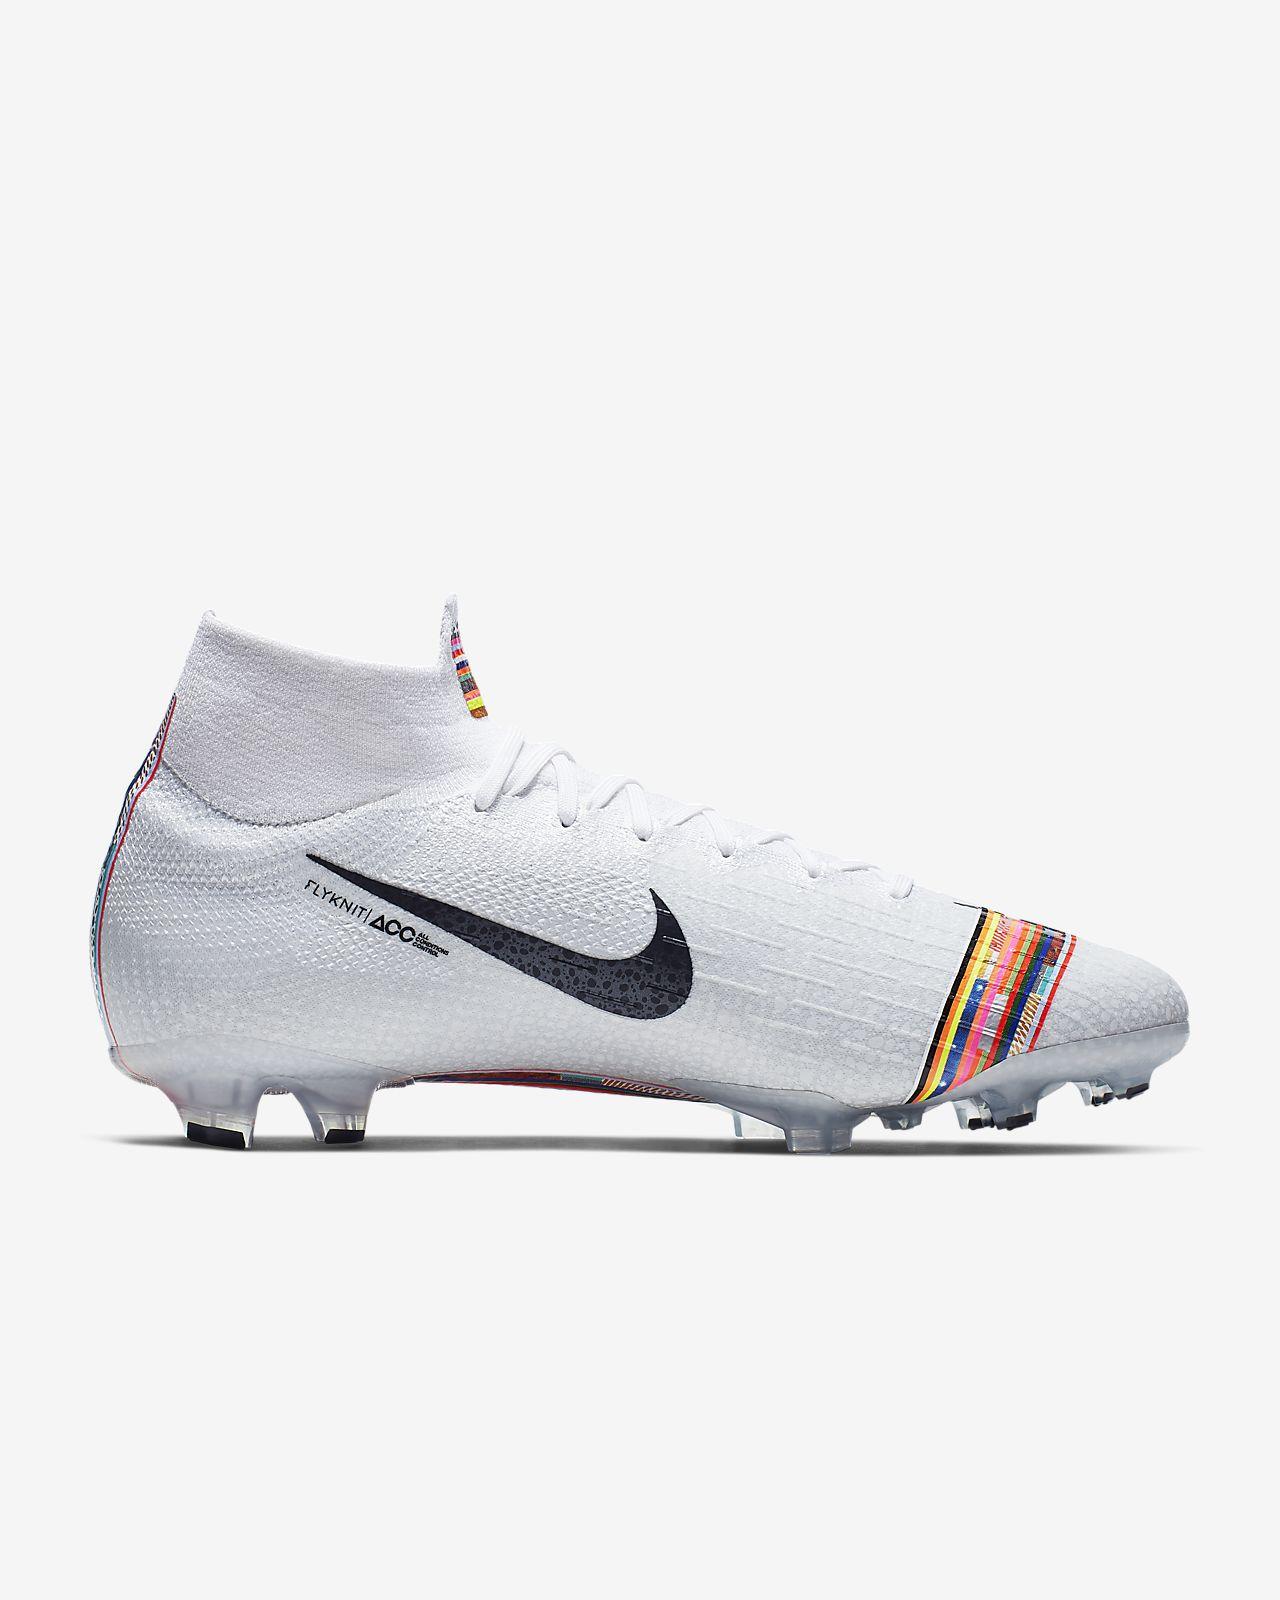 new concept e1020 7123d ... Chaussure de football à crampons pour terrain sec Nike Mercurial  Superfly 360 Elite LVL UP SE